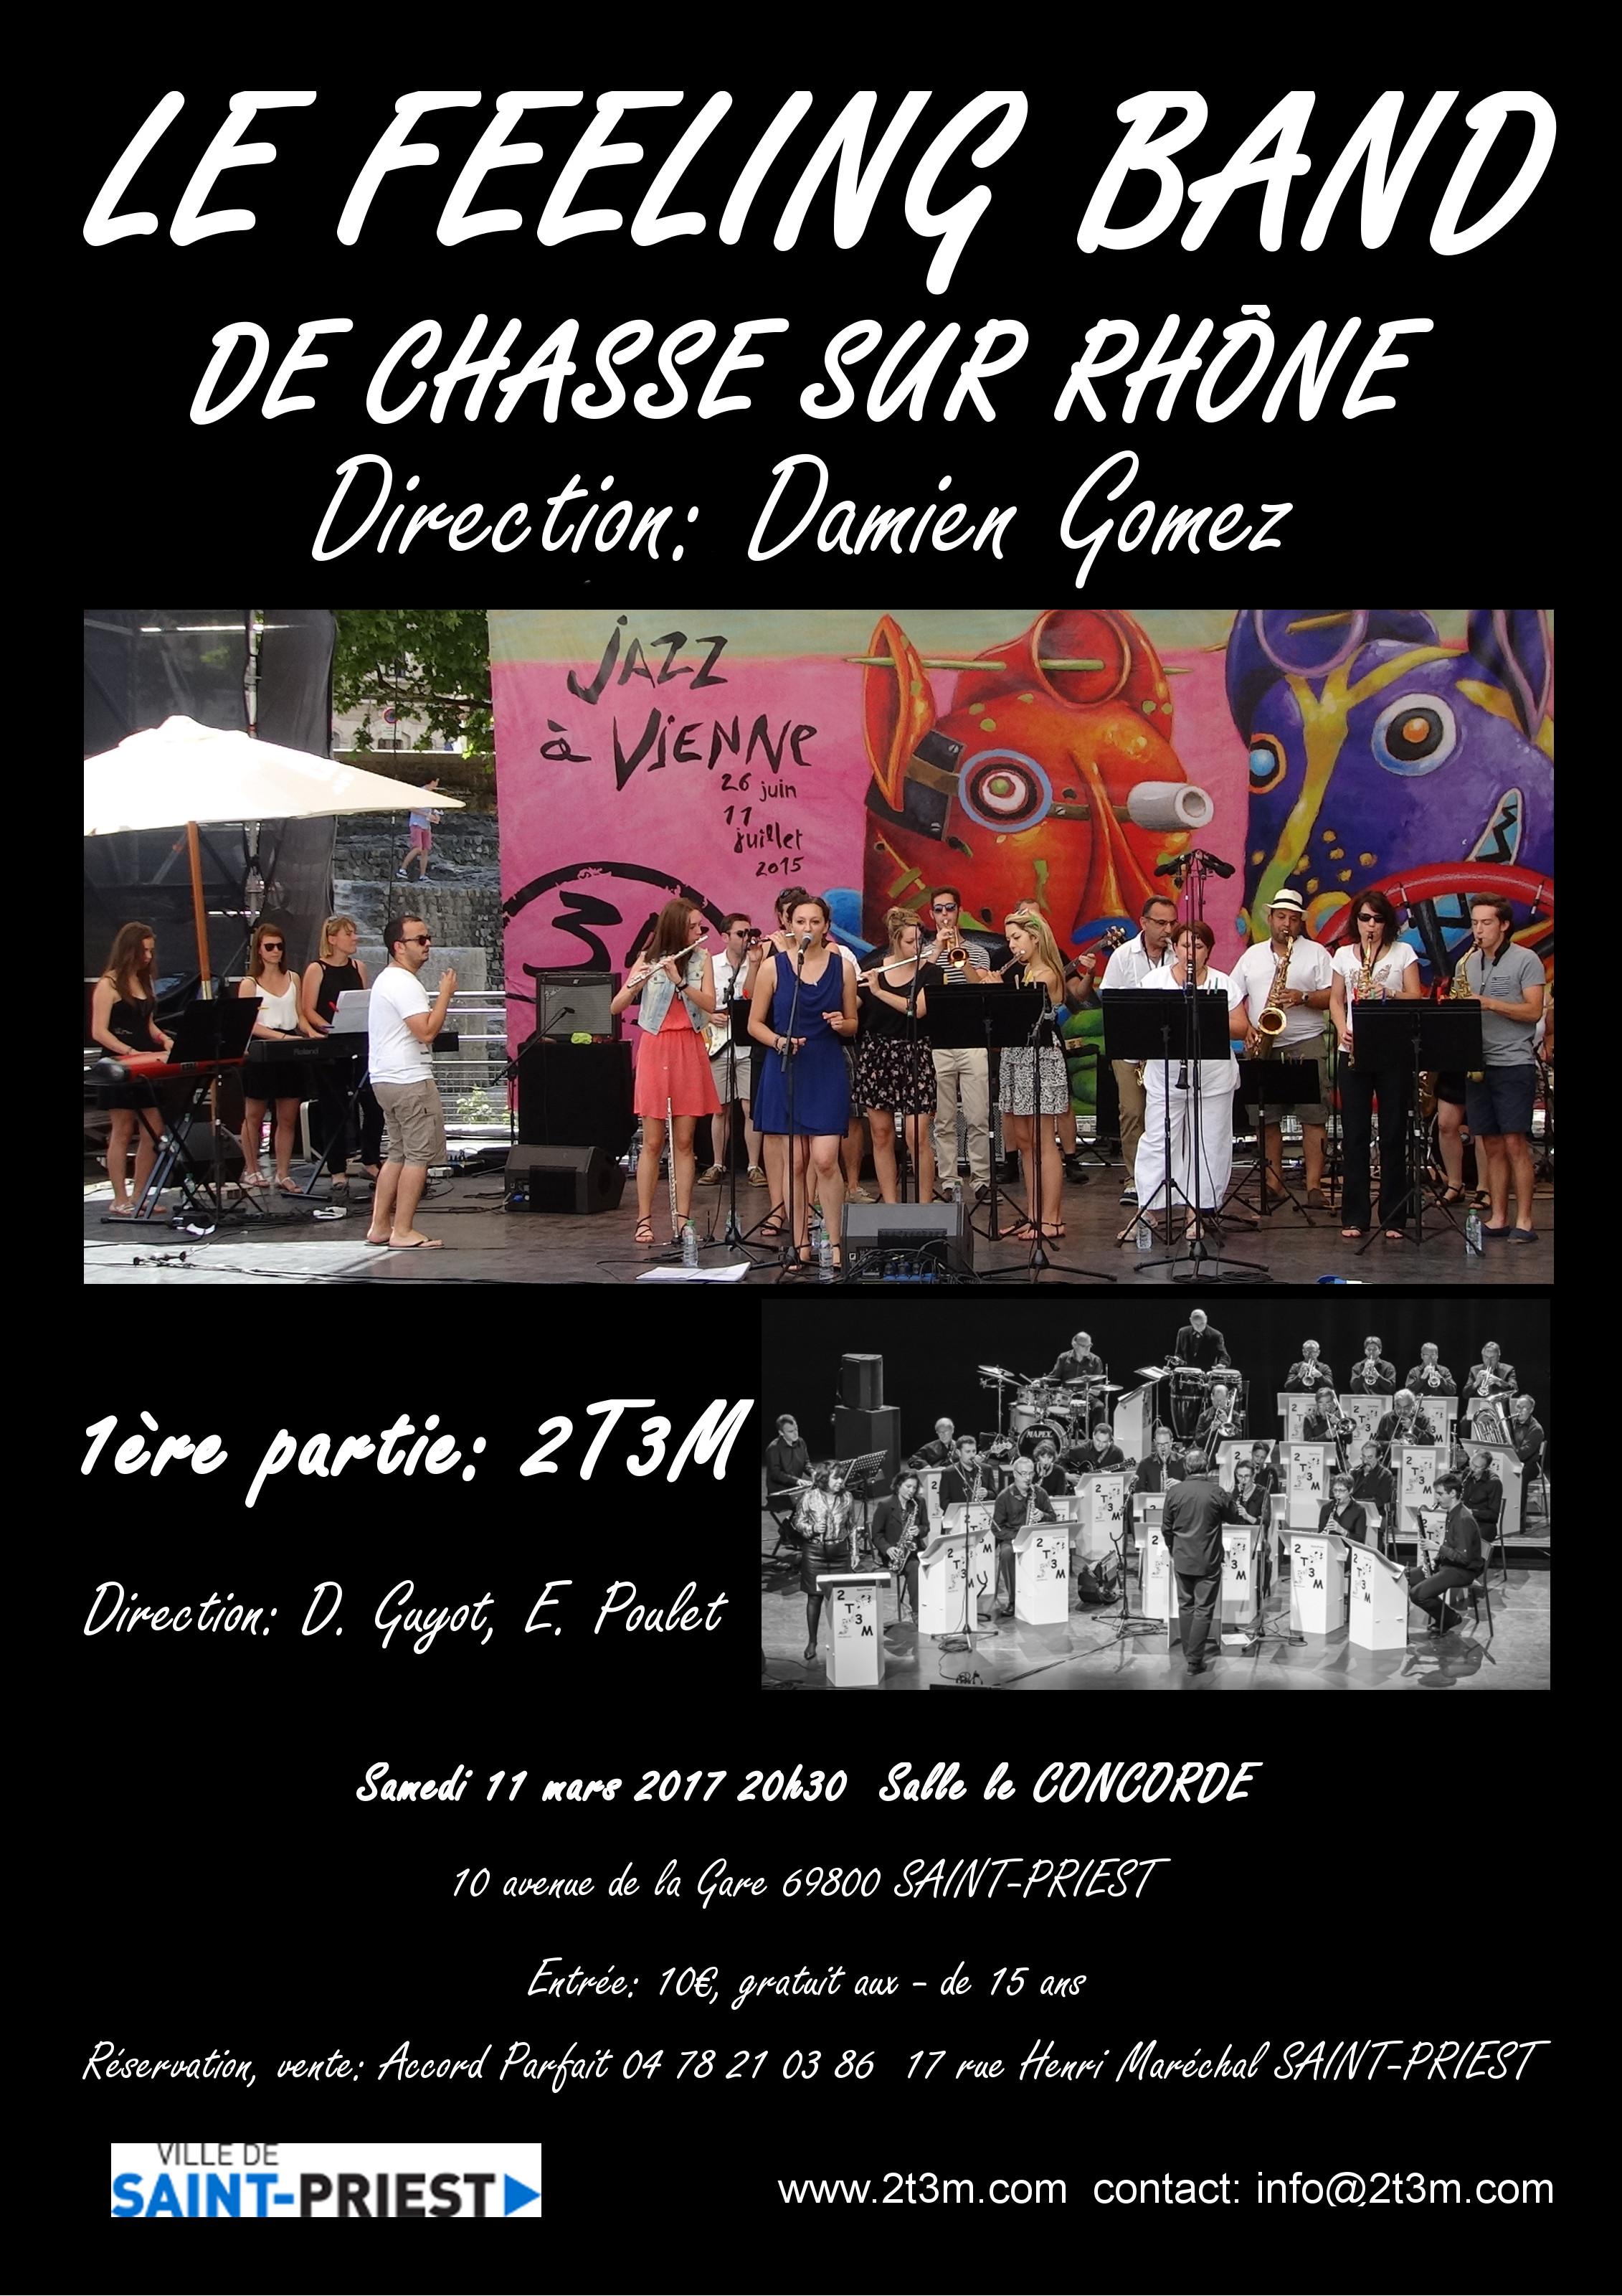 2T3M et le FEELING BAND de Chasse sur Rhône en concert